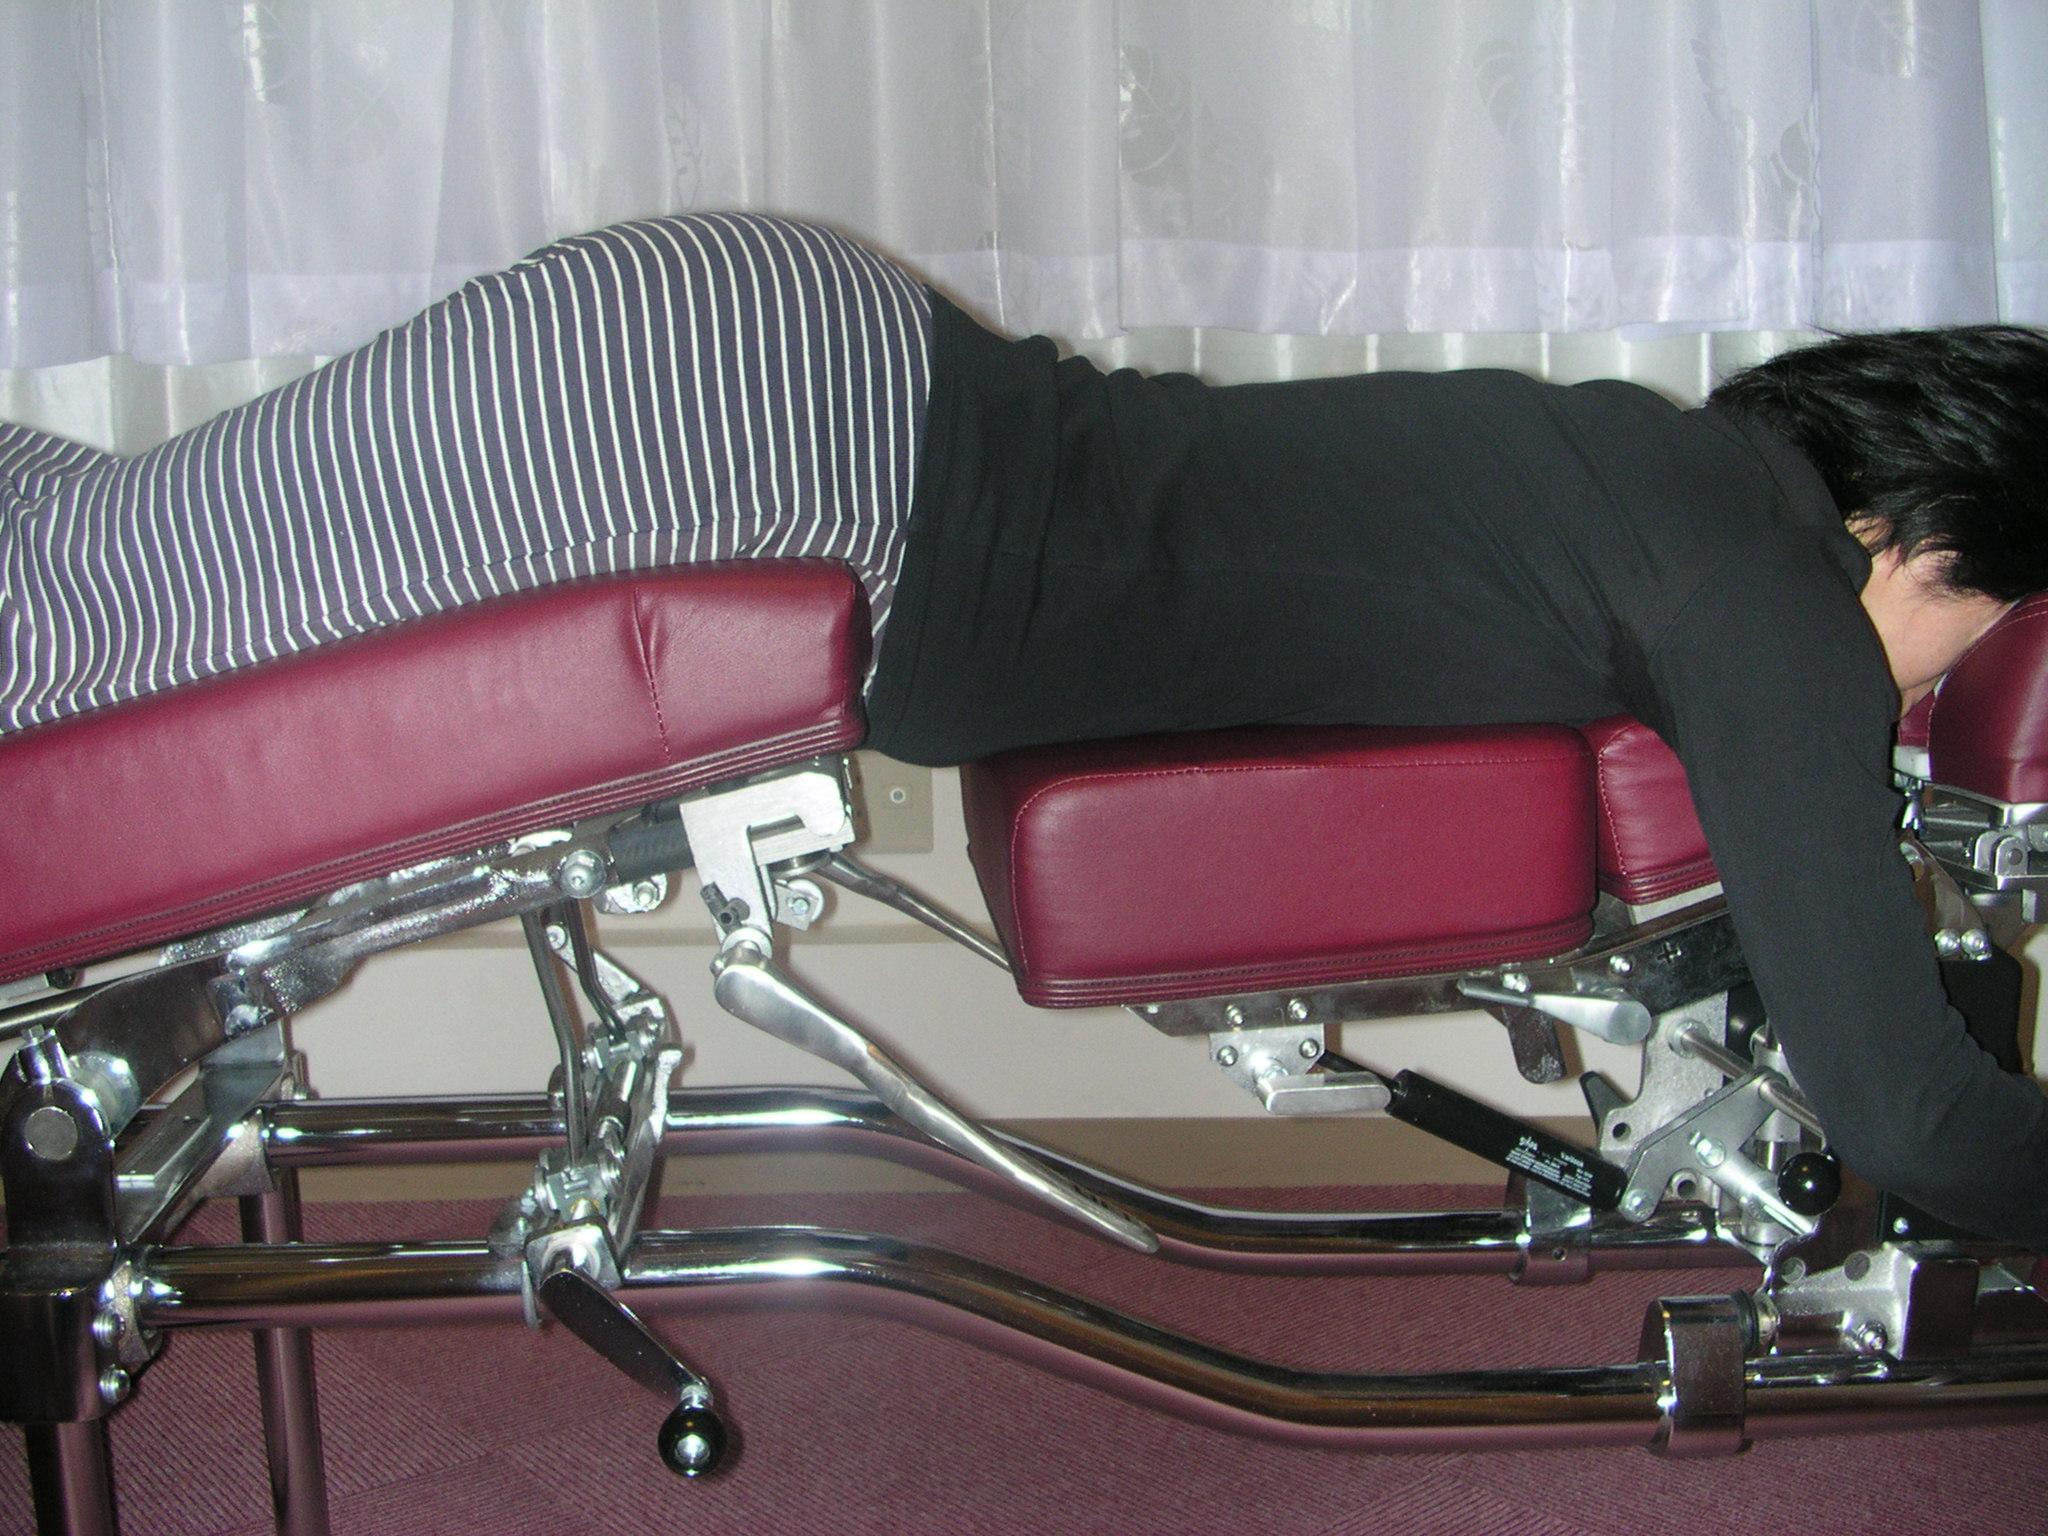 妊婦さんの腰痛に安心なカイロプラクティック治療